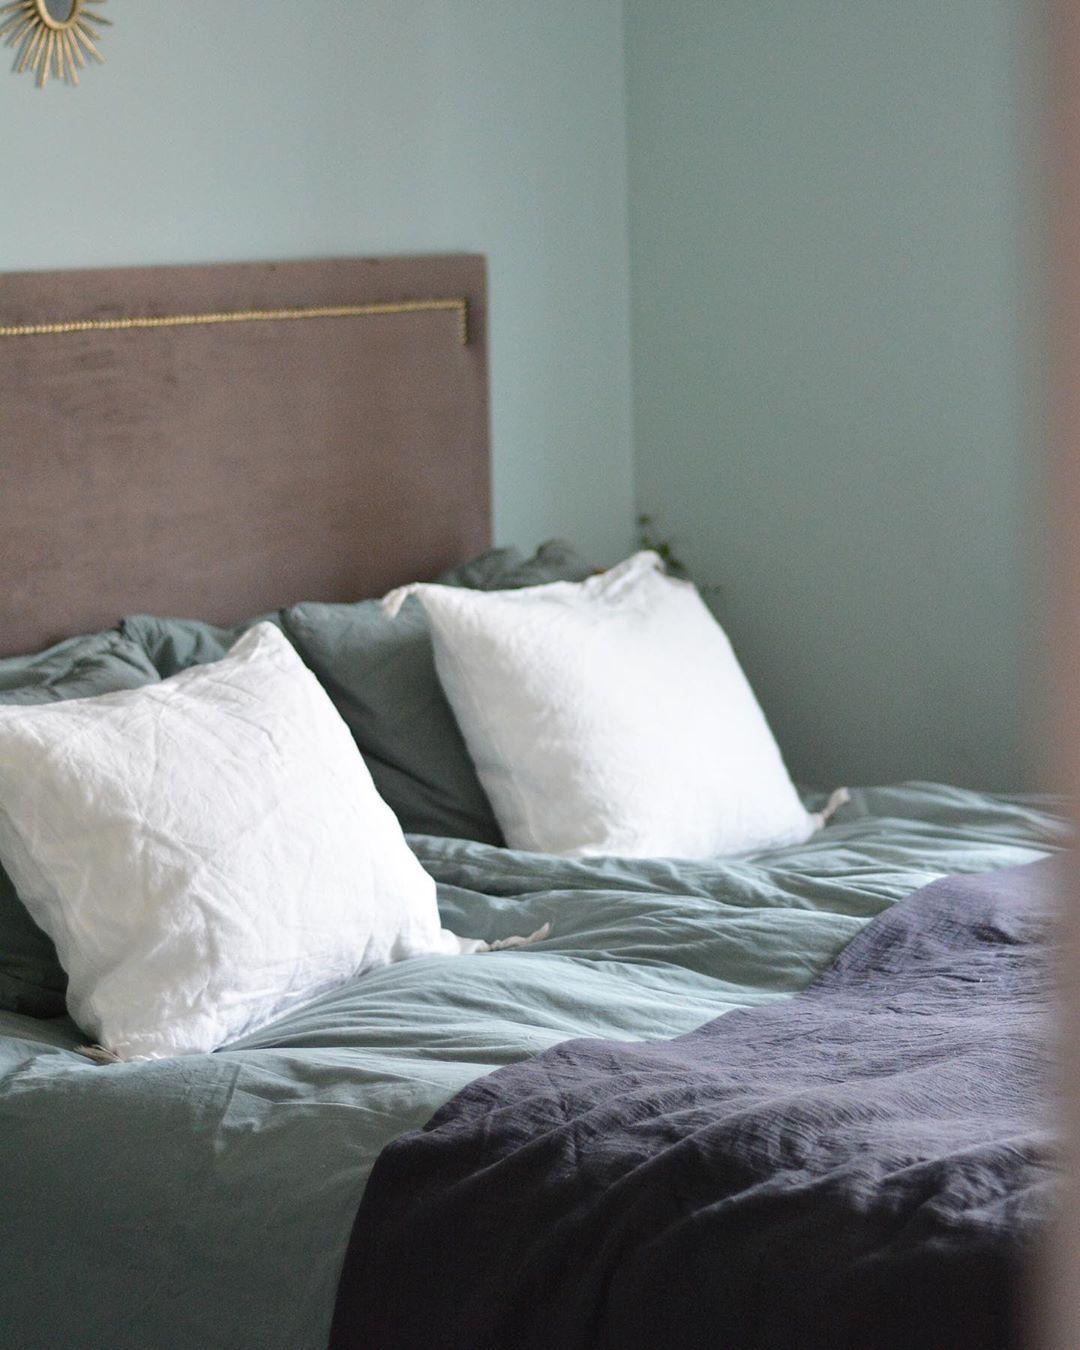 Gamla sovrummet hade en grönblå pastellfärg, riktigt snygg var det. I den nya huset blir det en färg i greige som går mot lila, underbart härligt☺️🥰 . . .  #interior #design #details #homeinterior #decor #passion #inspiration #livingroominspo #masterbedroominspo #homestyling #homedecor #homeinspo #designinterior #interiör #sovrum #alcrofärg #ernst #hemtex #ohlssonstyger #färg